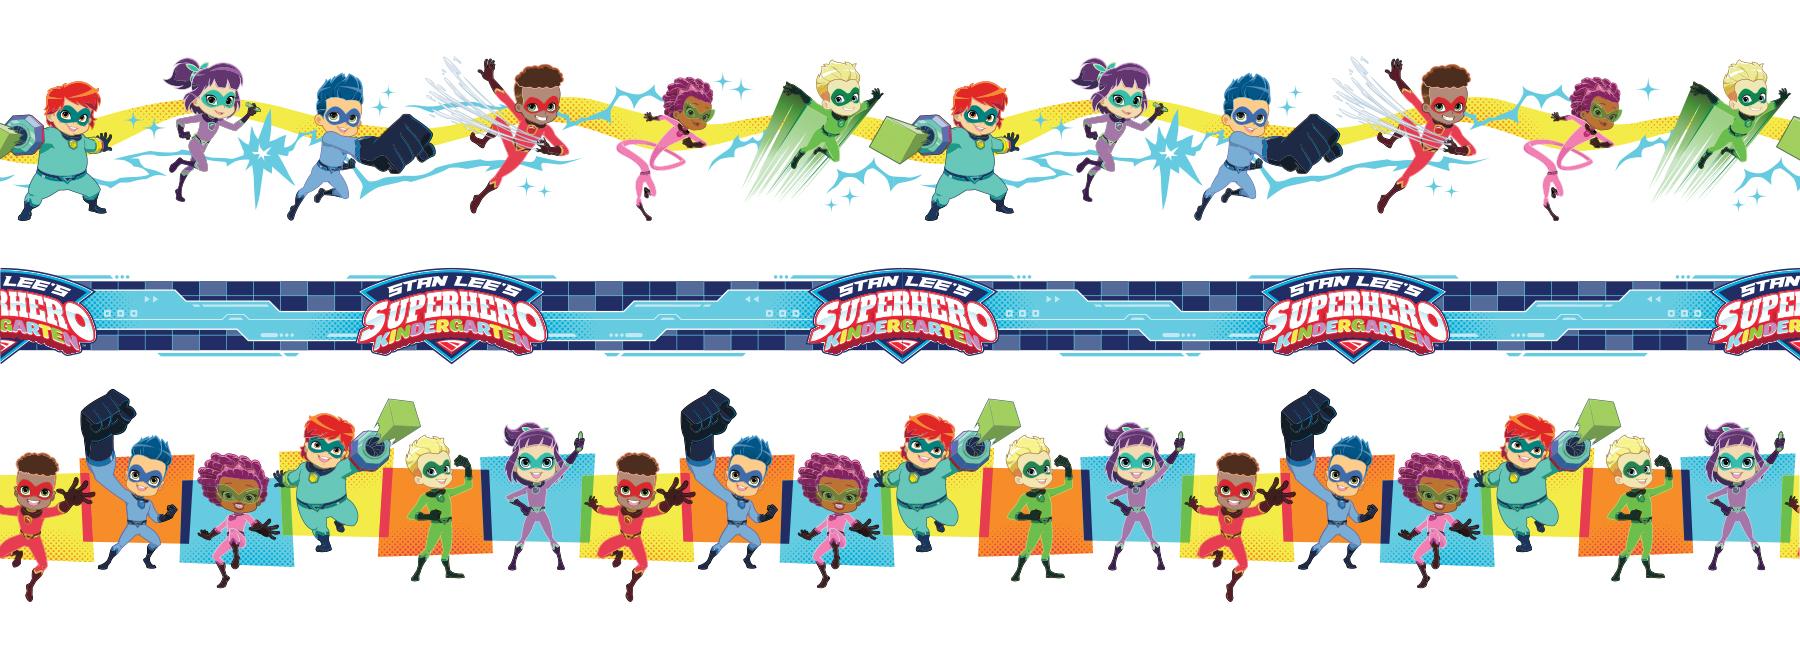 Stan Lee's Superhero Kindergarten Style Guide - Panel 4